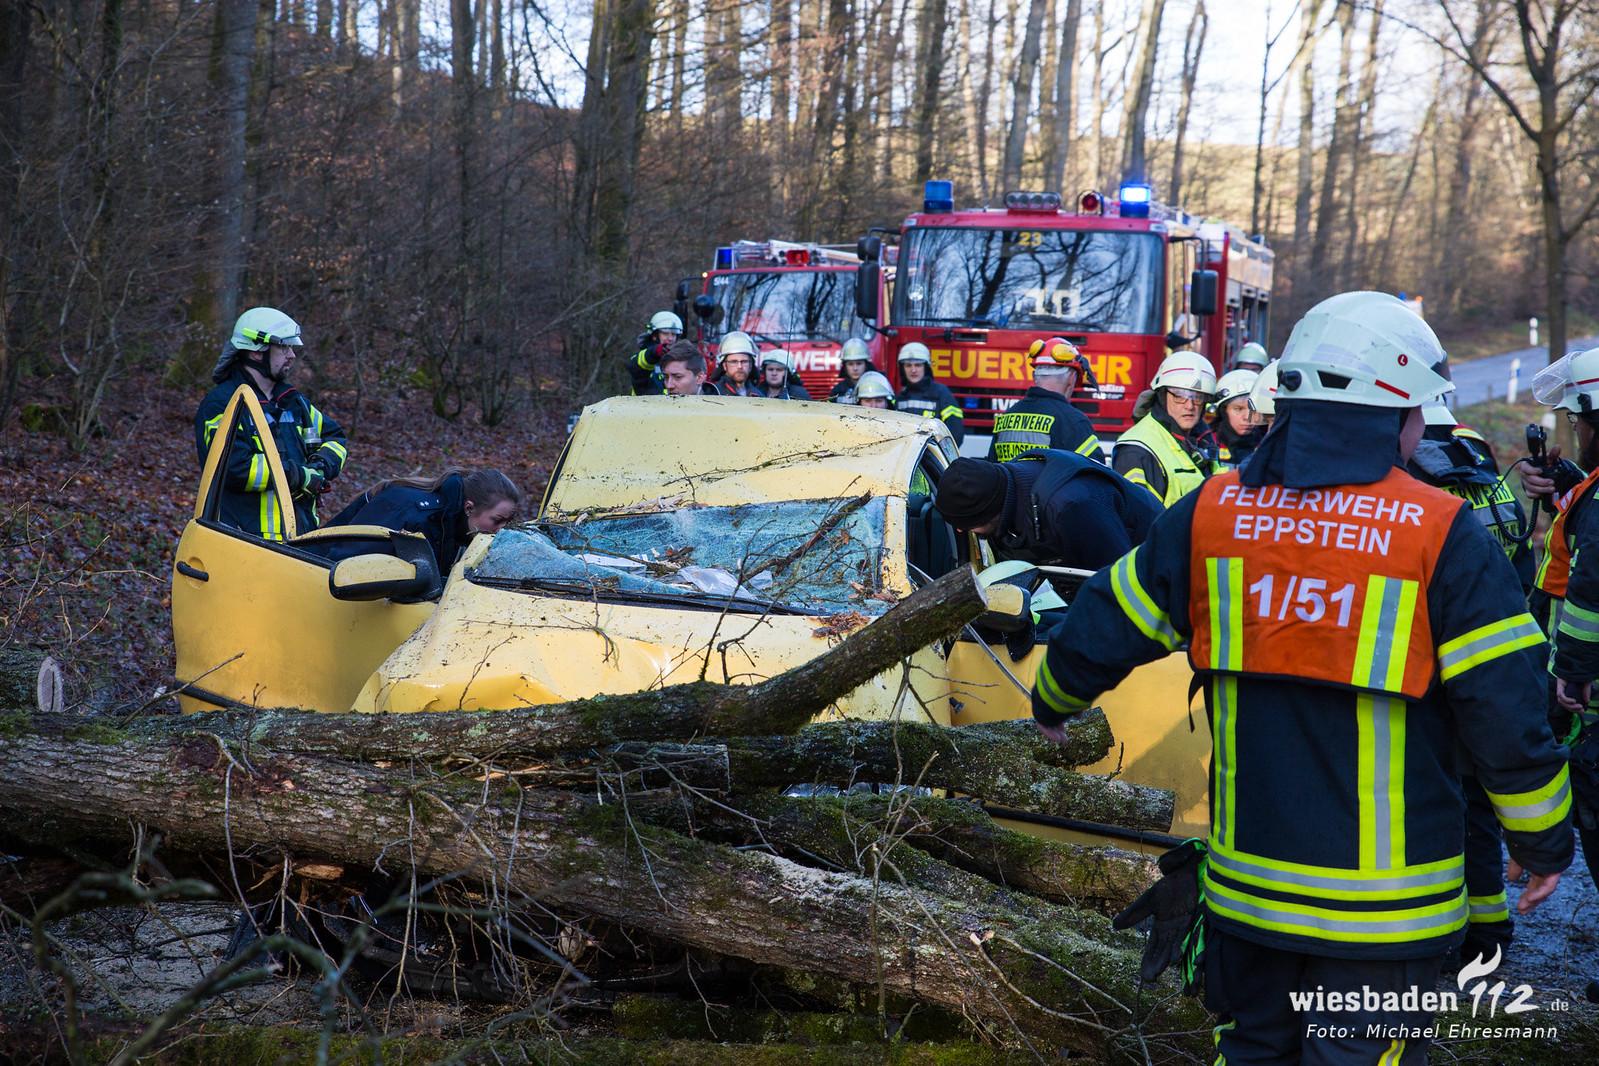 Baum auf Pkw - Fahrer eingeklemmt Eppstein-Niederjosbach 10.02.20